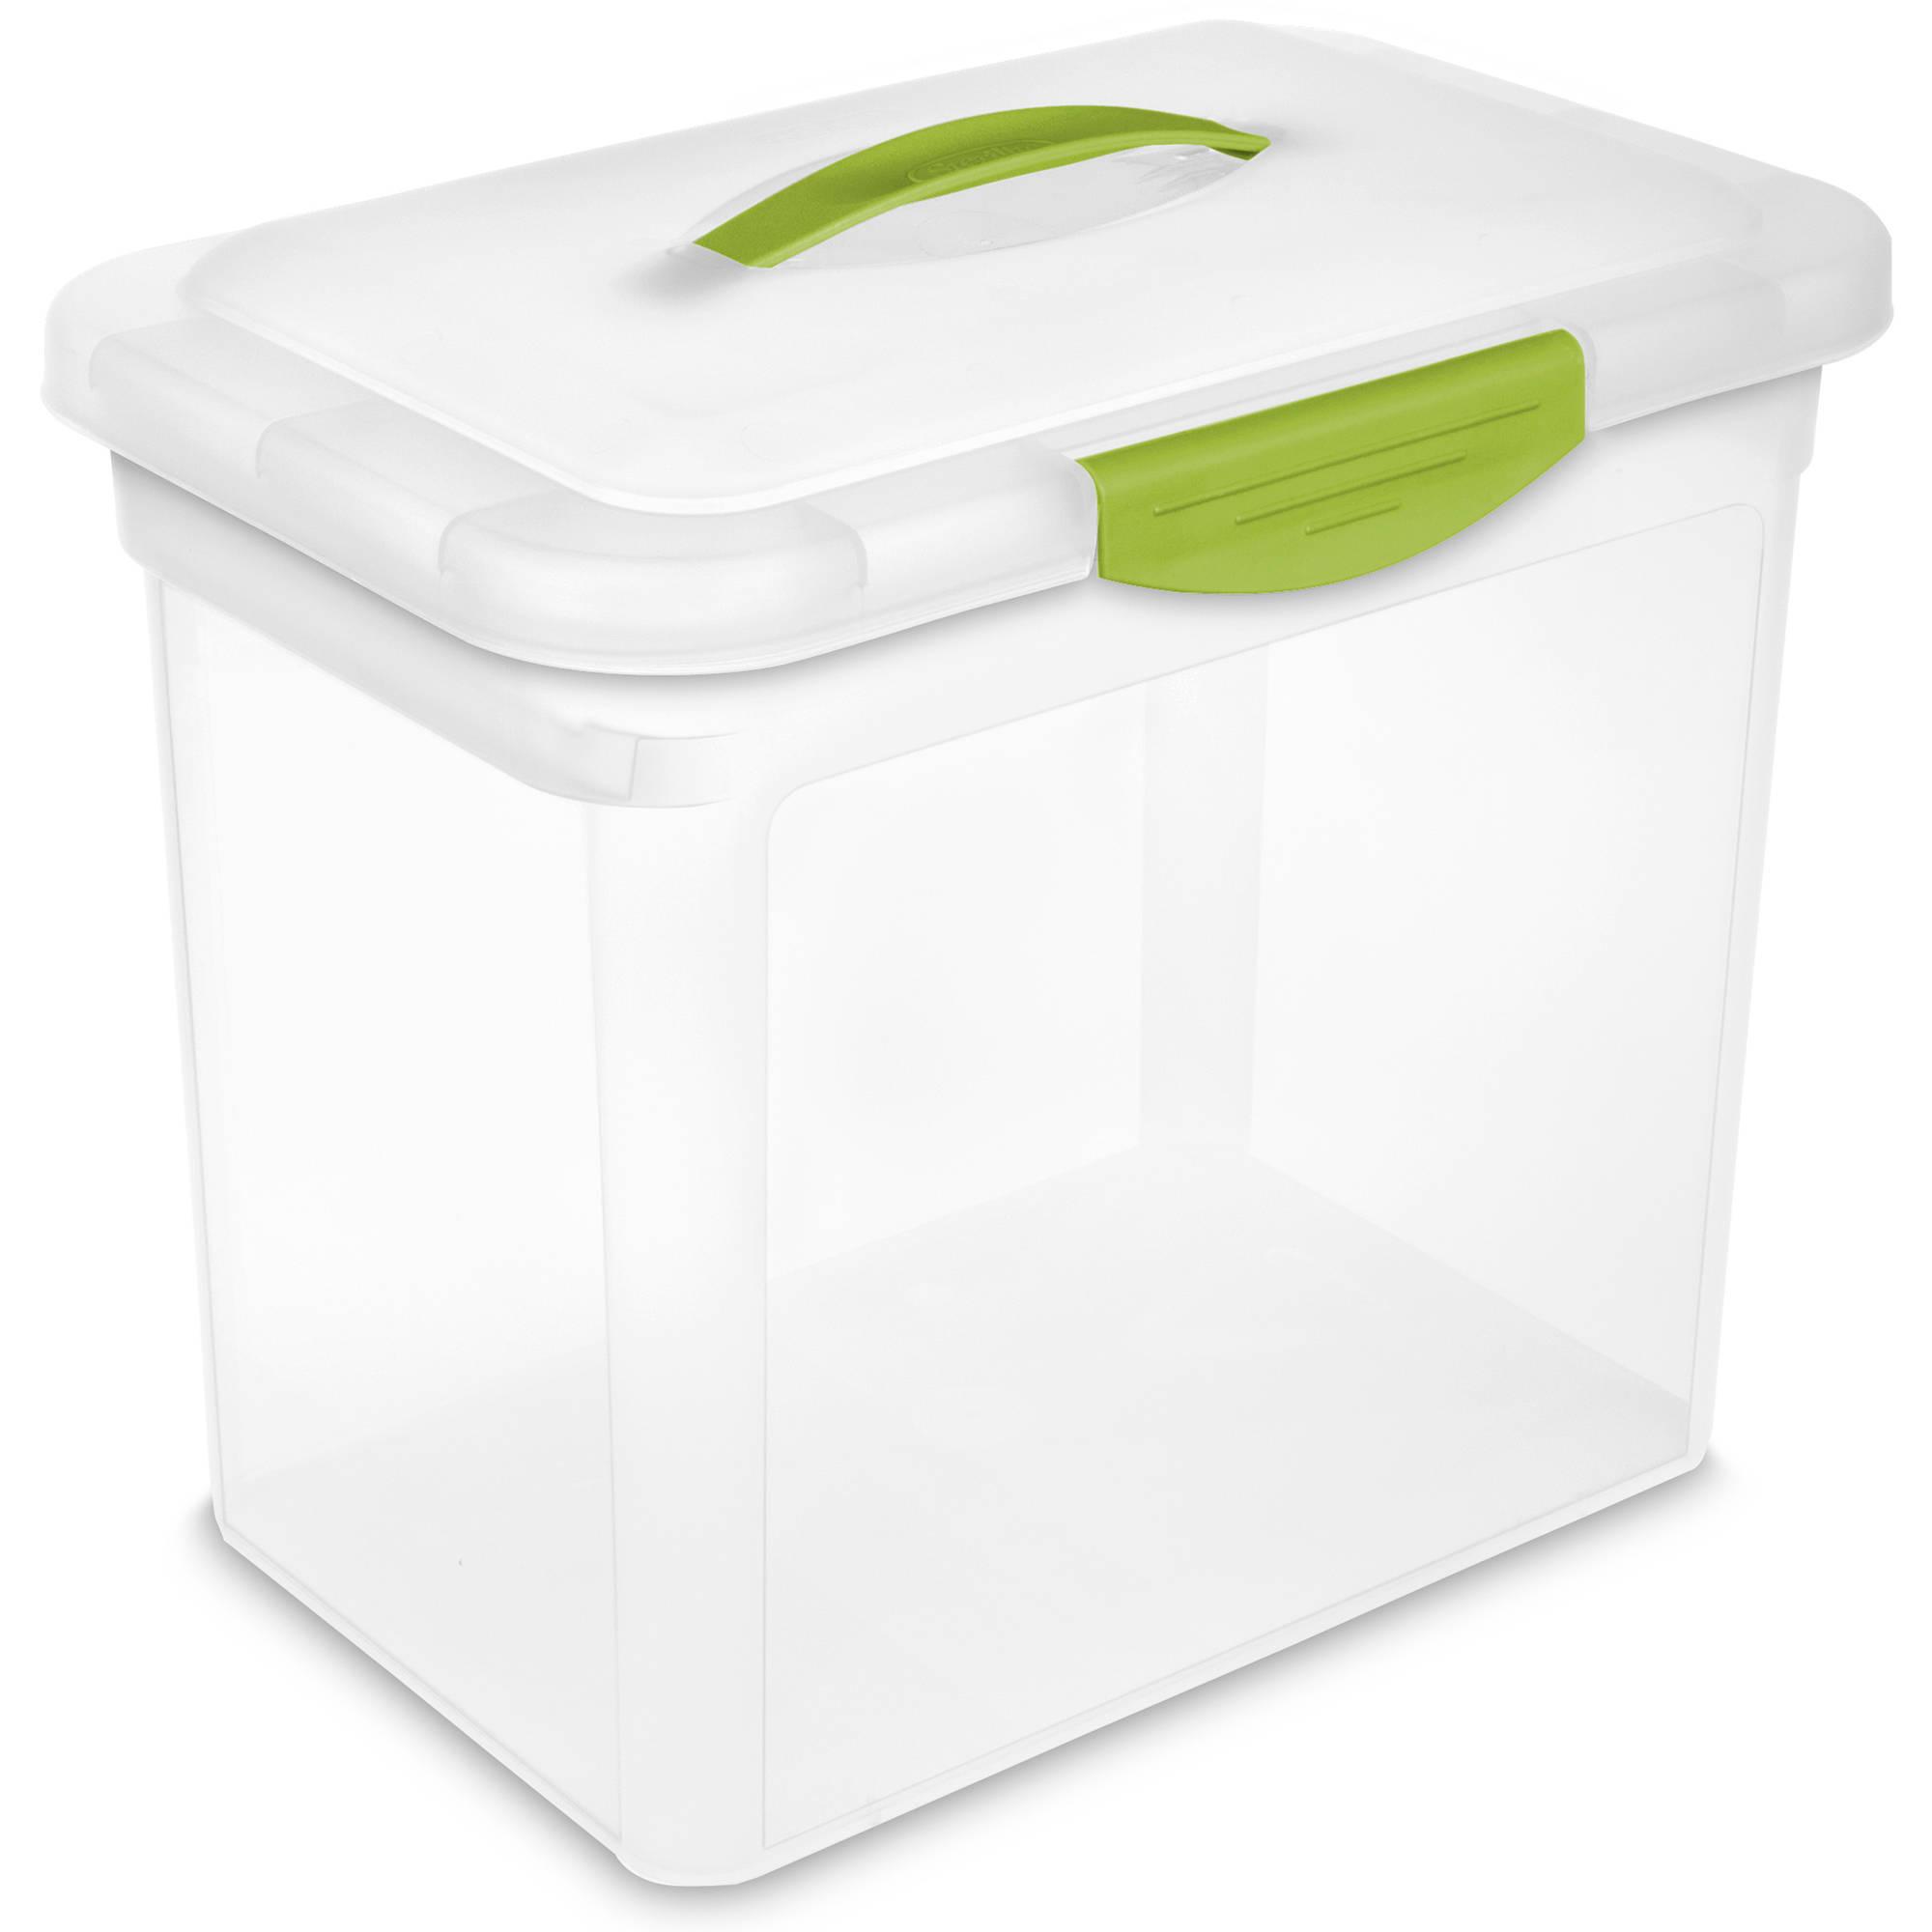 Sterilite 145 Gallon Infra Red Storage Box 2 Piece Walmart in dimensions 2000 X 2000